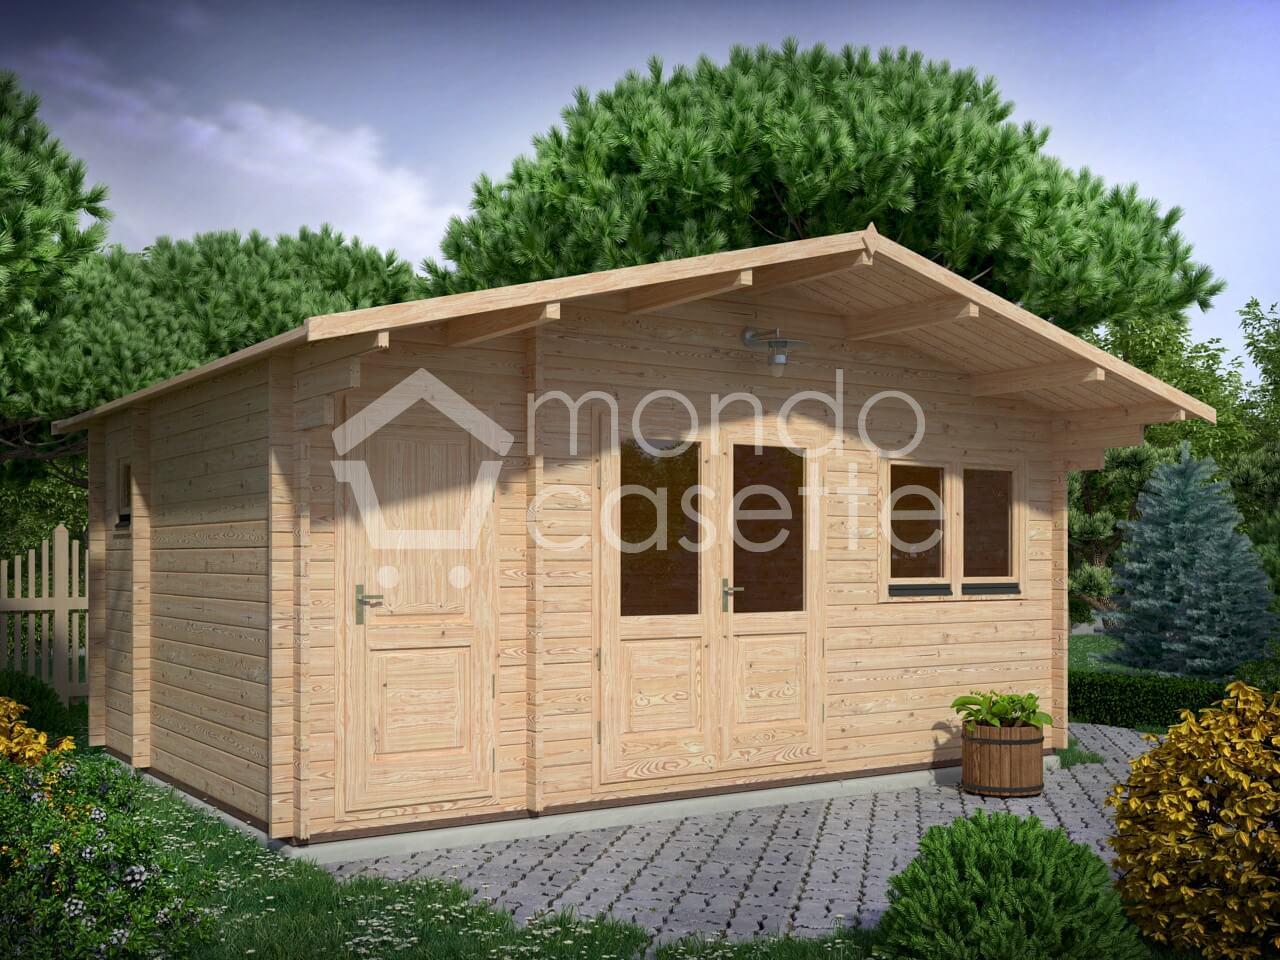 Casetta in legno Vicenza - 5,6x4 - pareti da 45 mm